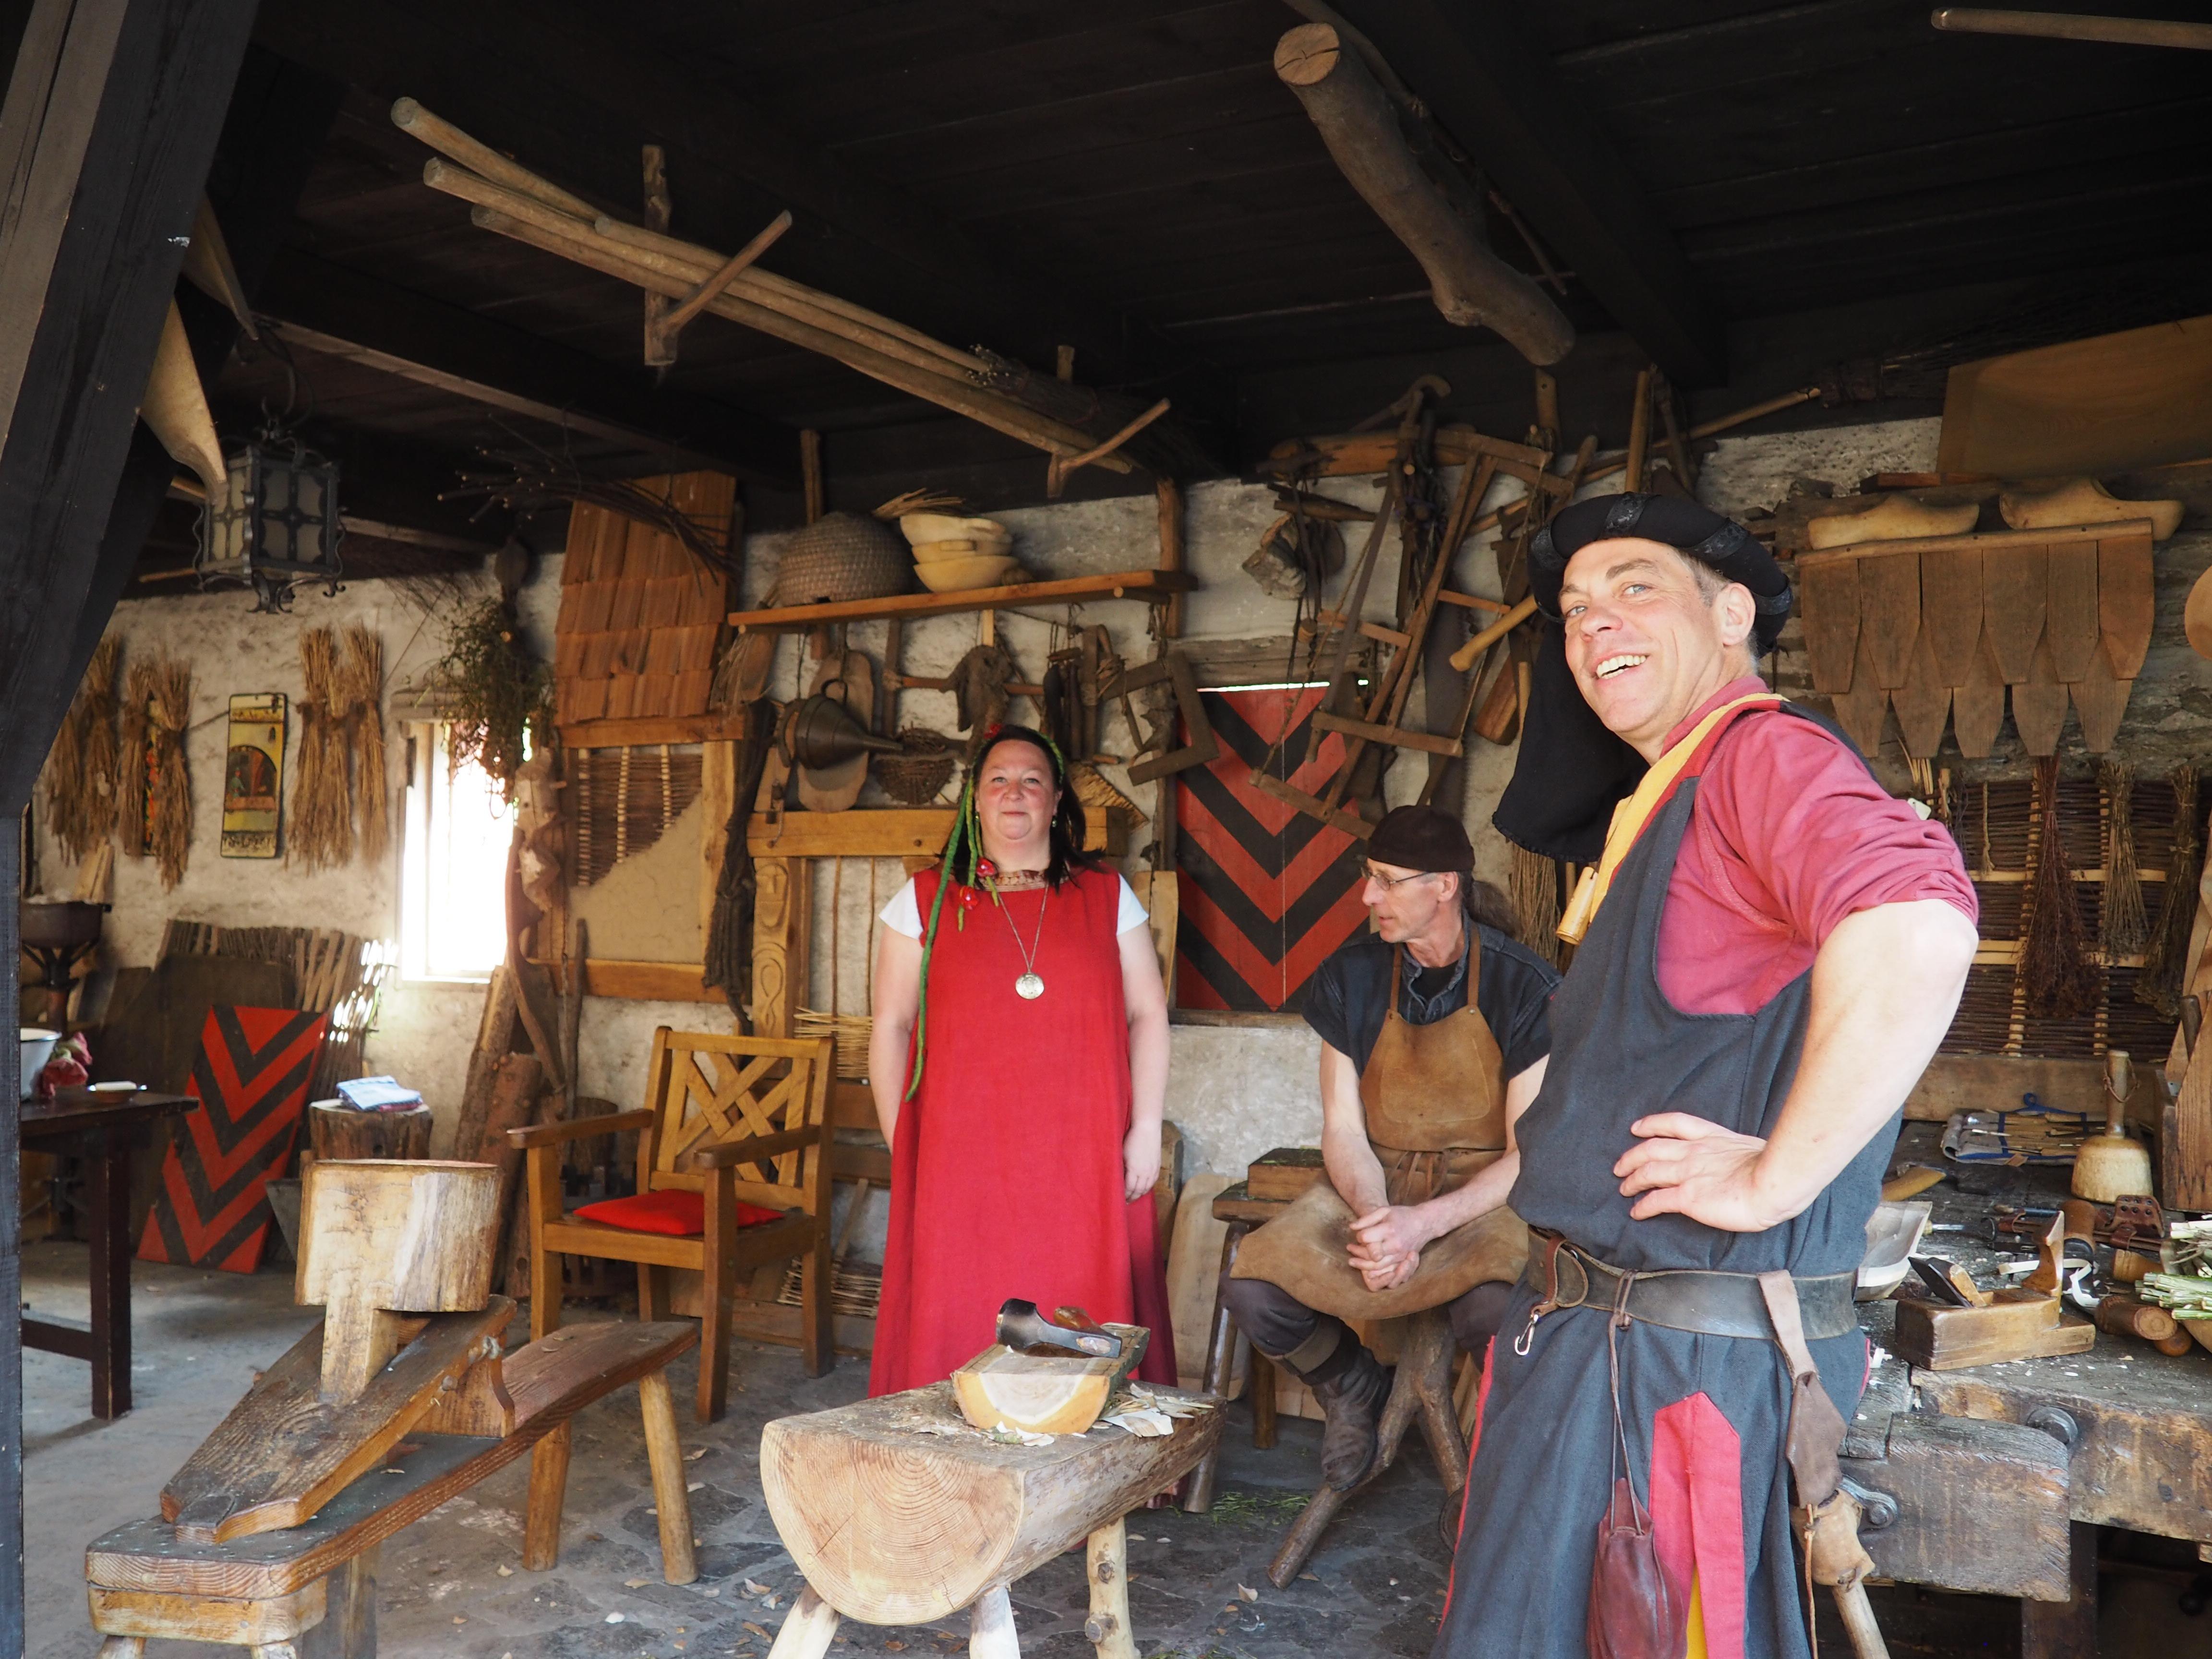 Alte Handwerke werden beim Burgerlebnis auf der Ehrenburg bei Brodenbach an der Mosel vorgestellt